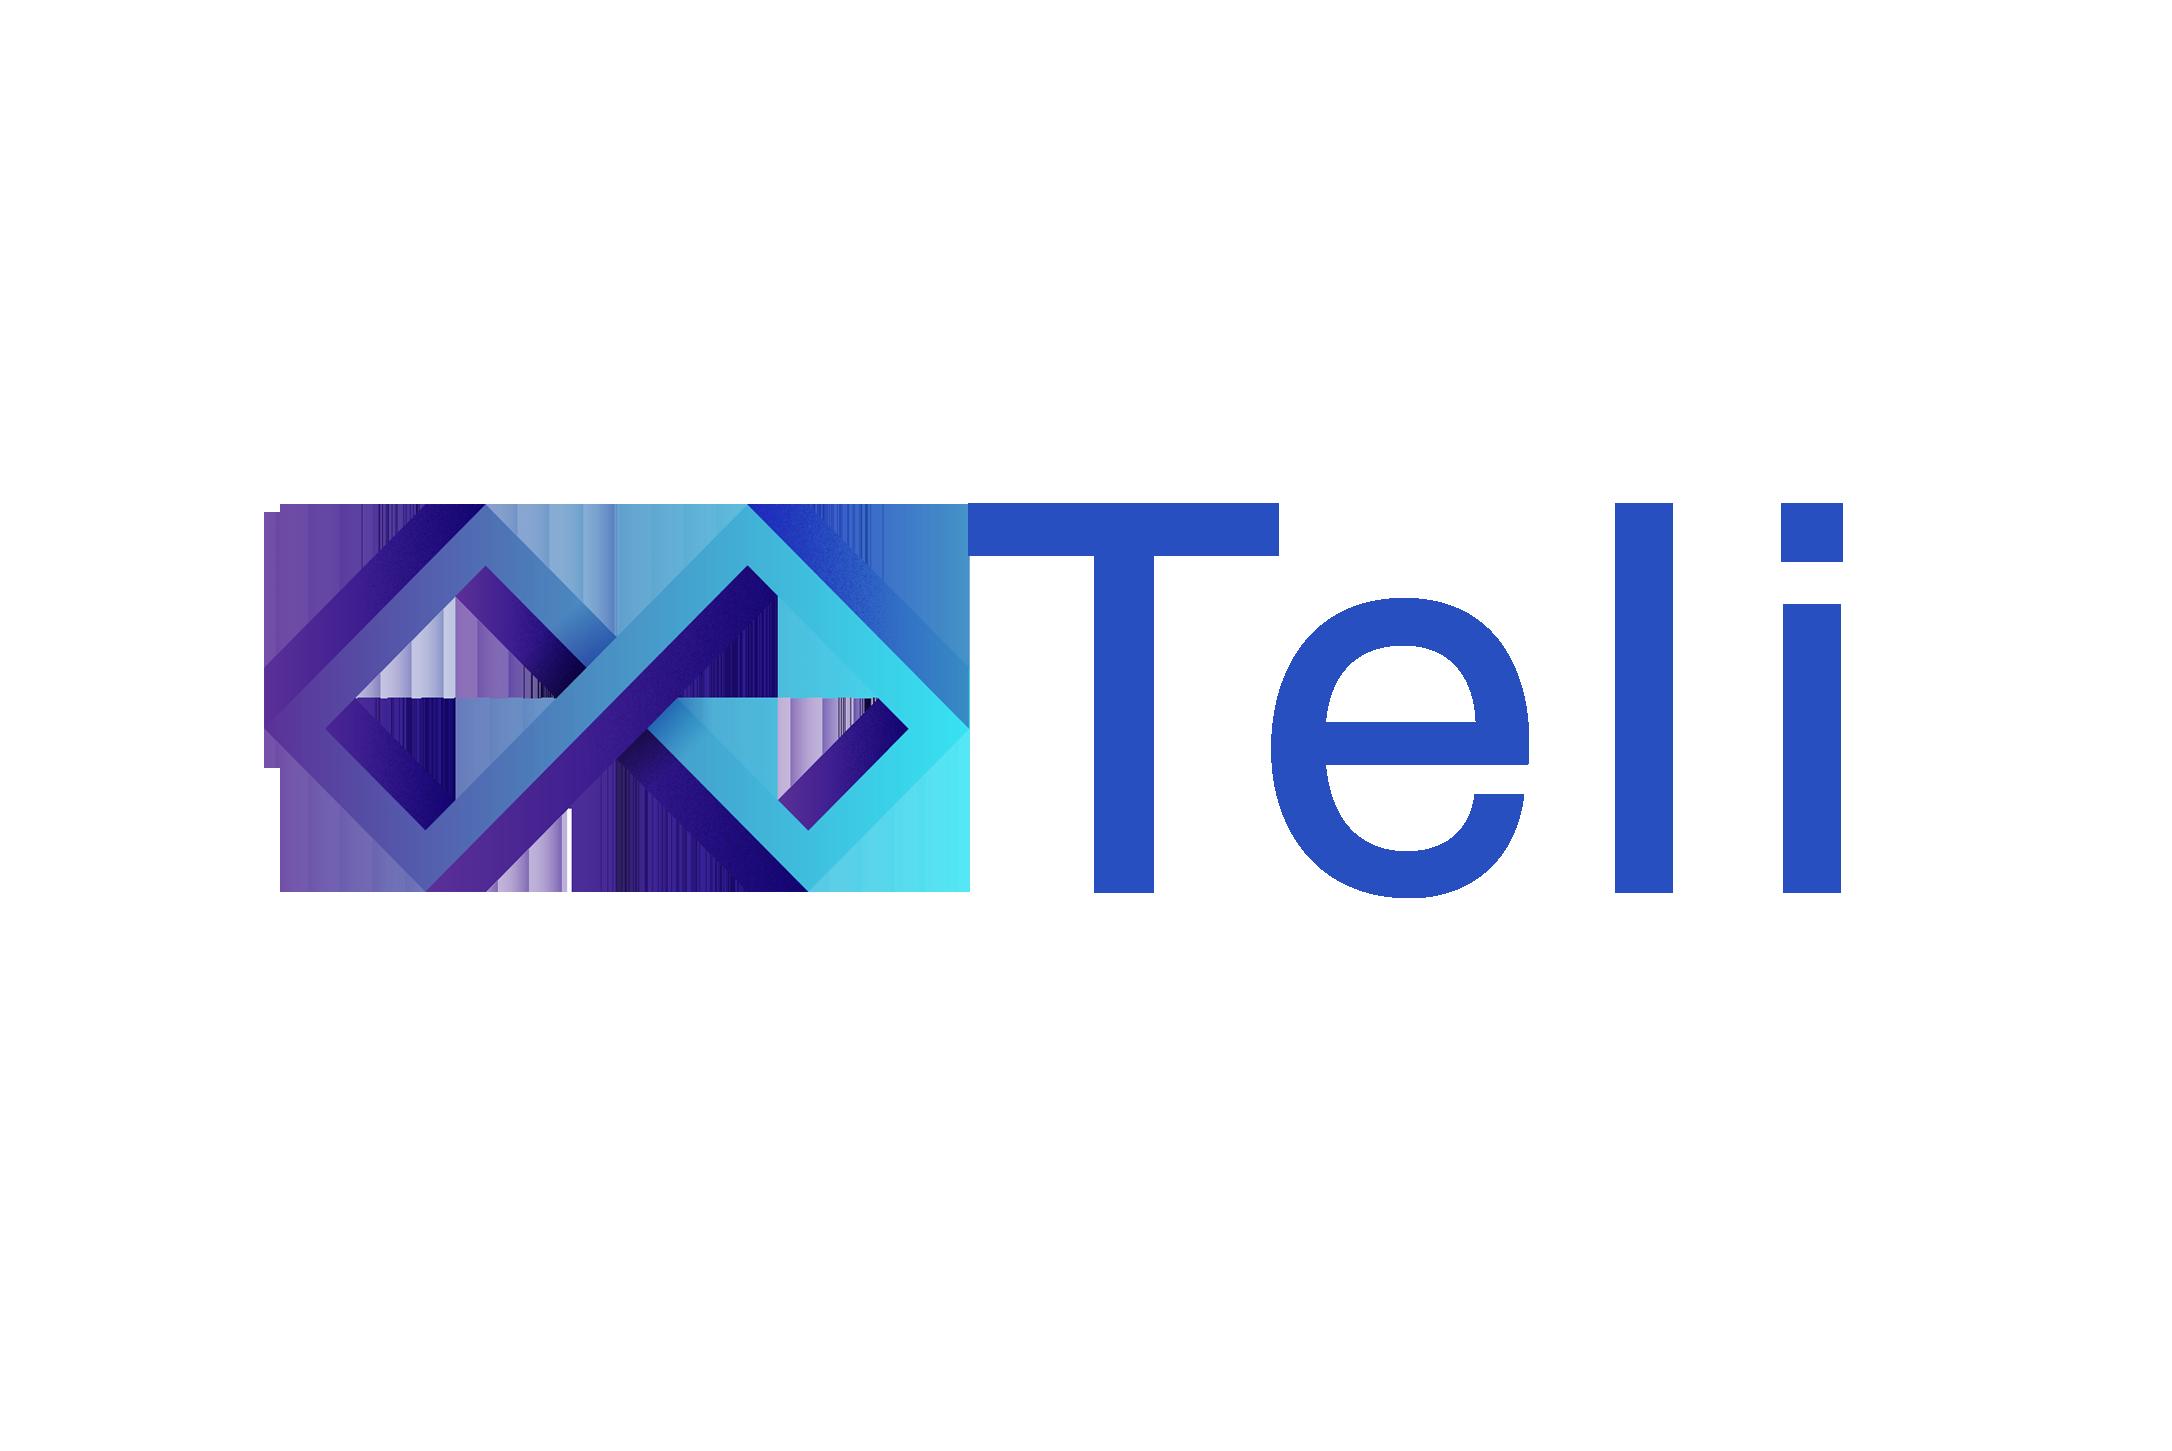 Разработка логотипа и фирменного стиля фото f_07158fc6b3a3ede5.png